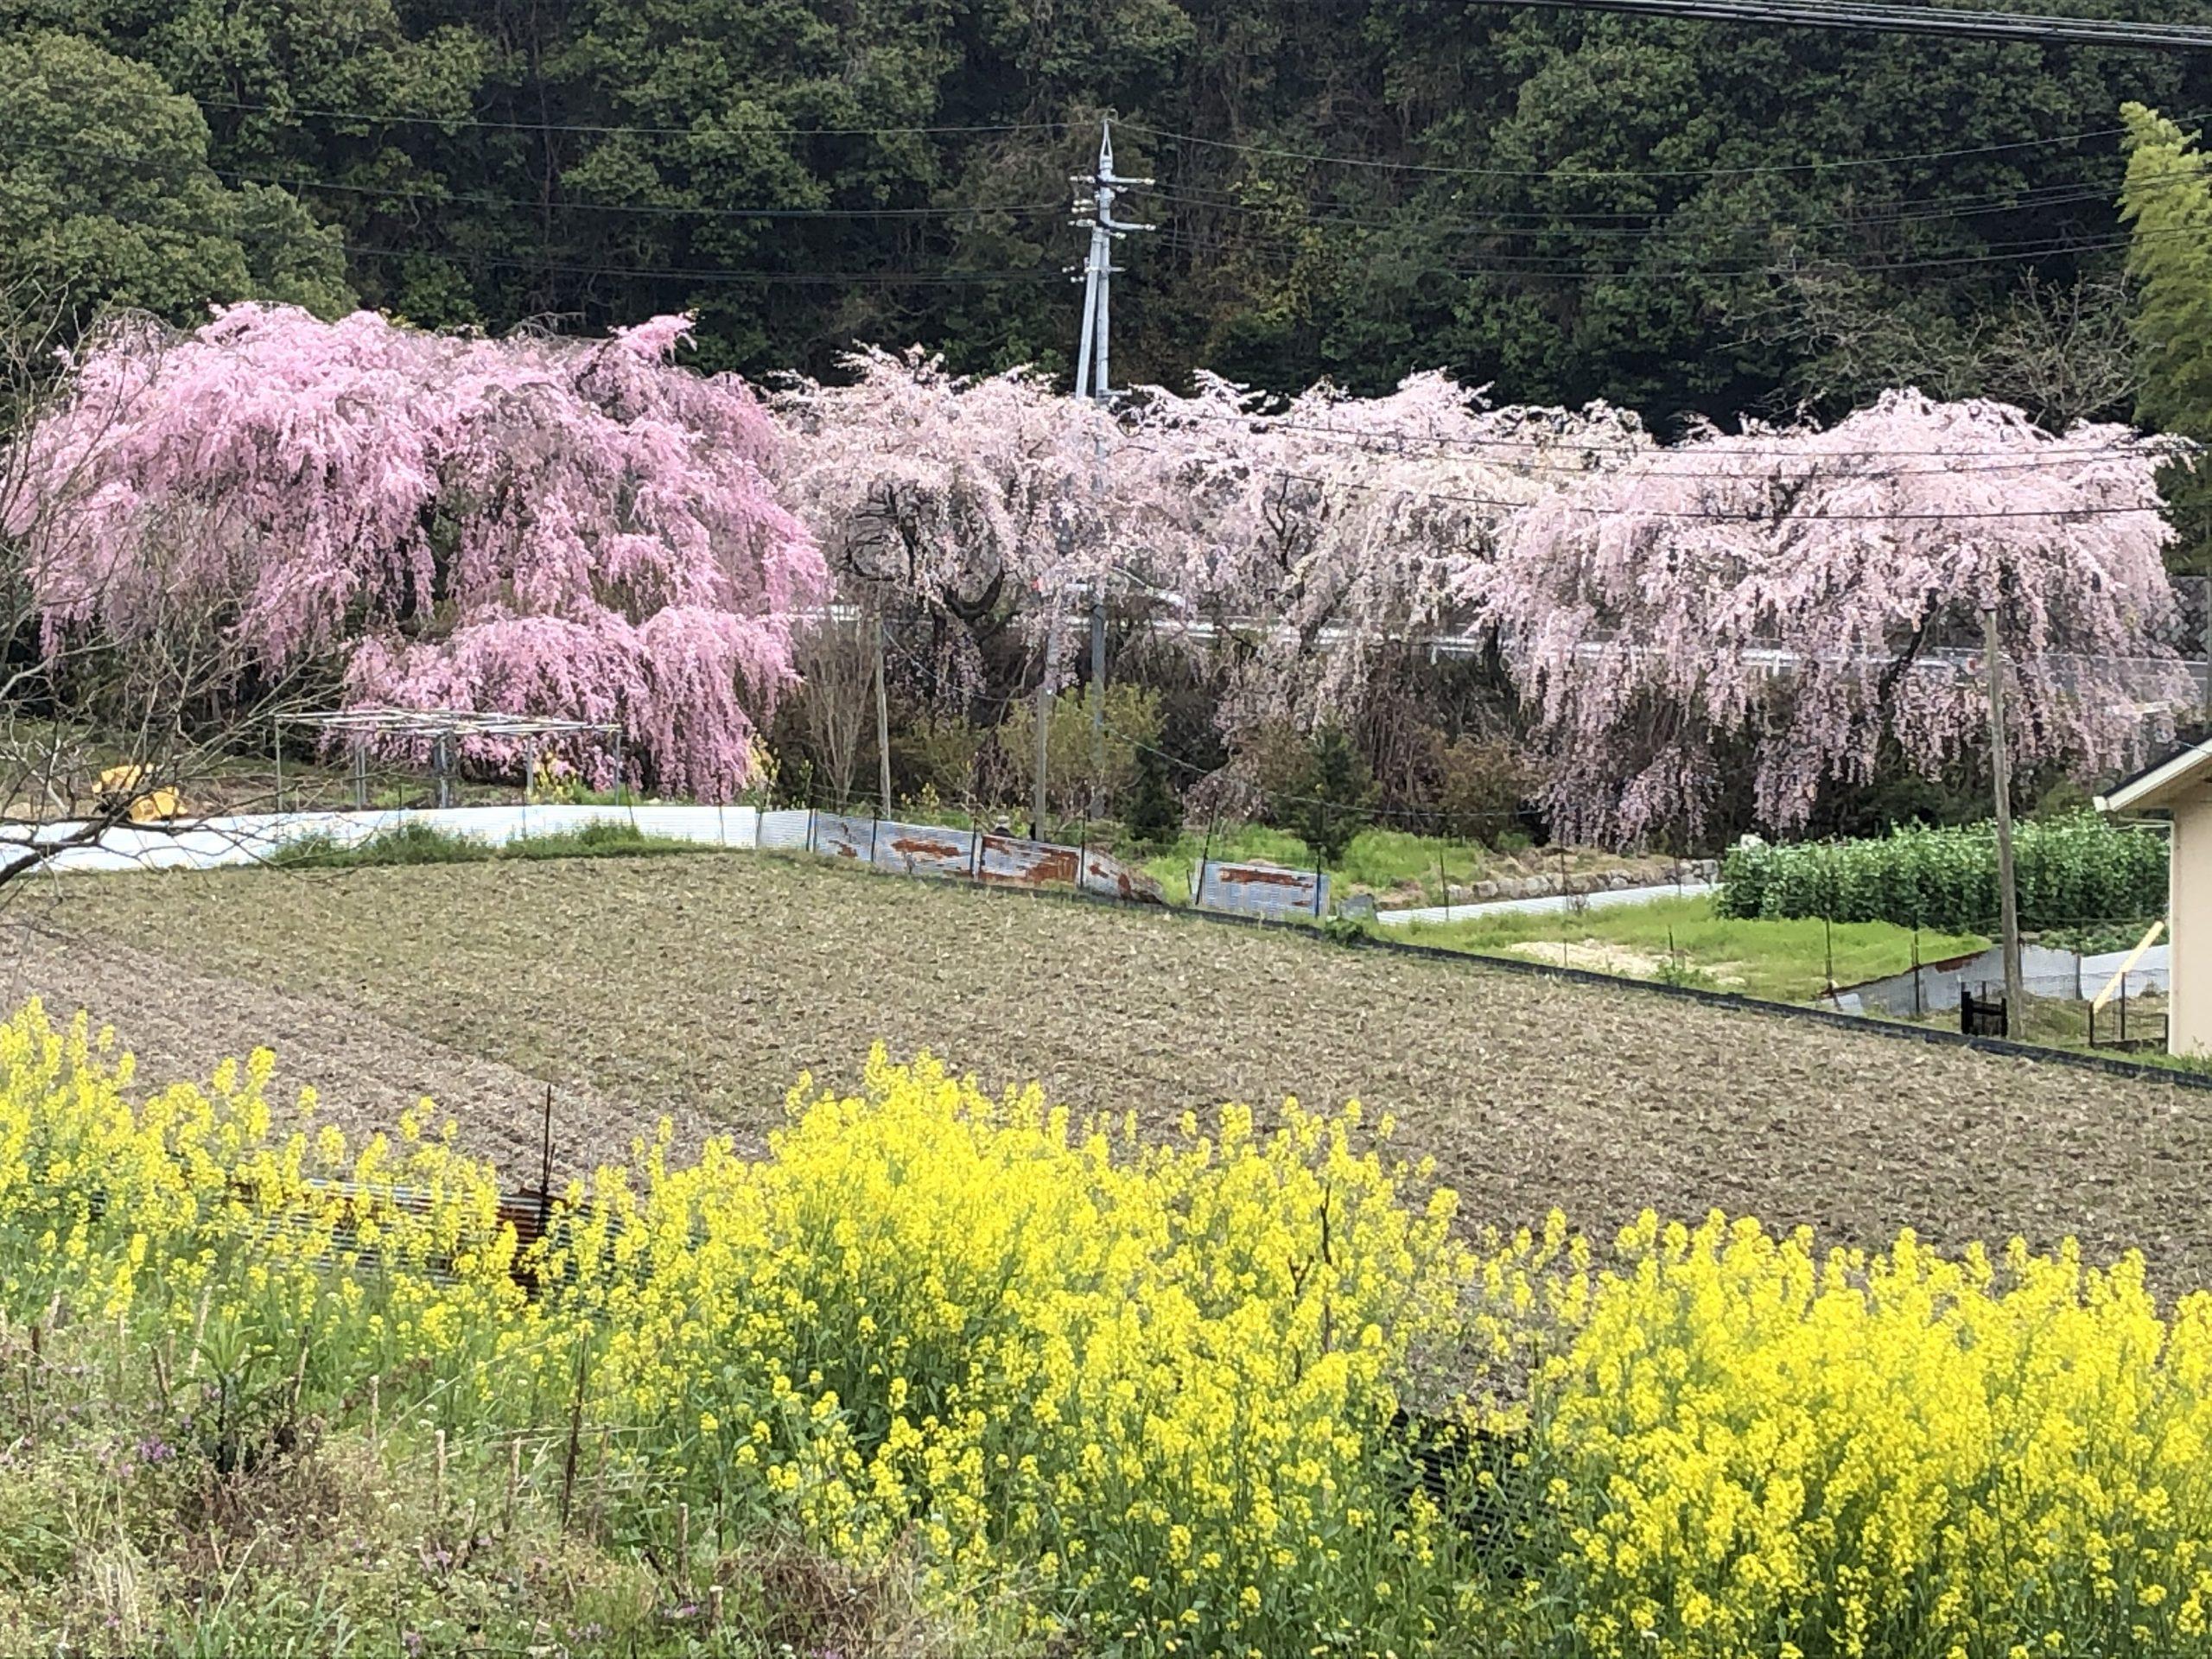 綺麗な花々と、春らしいキット